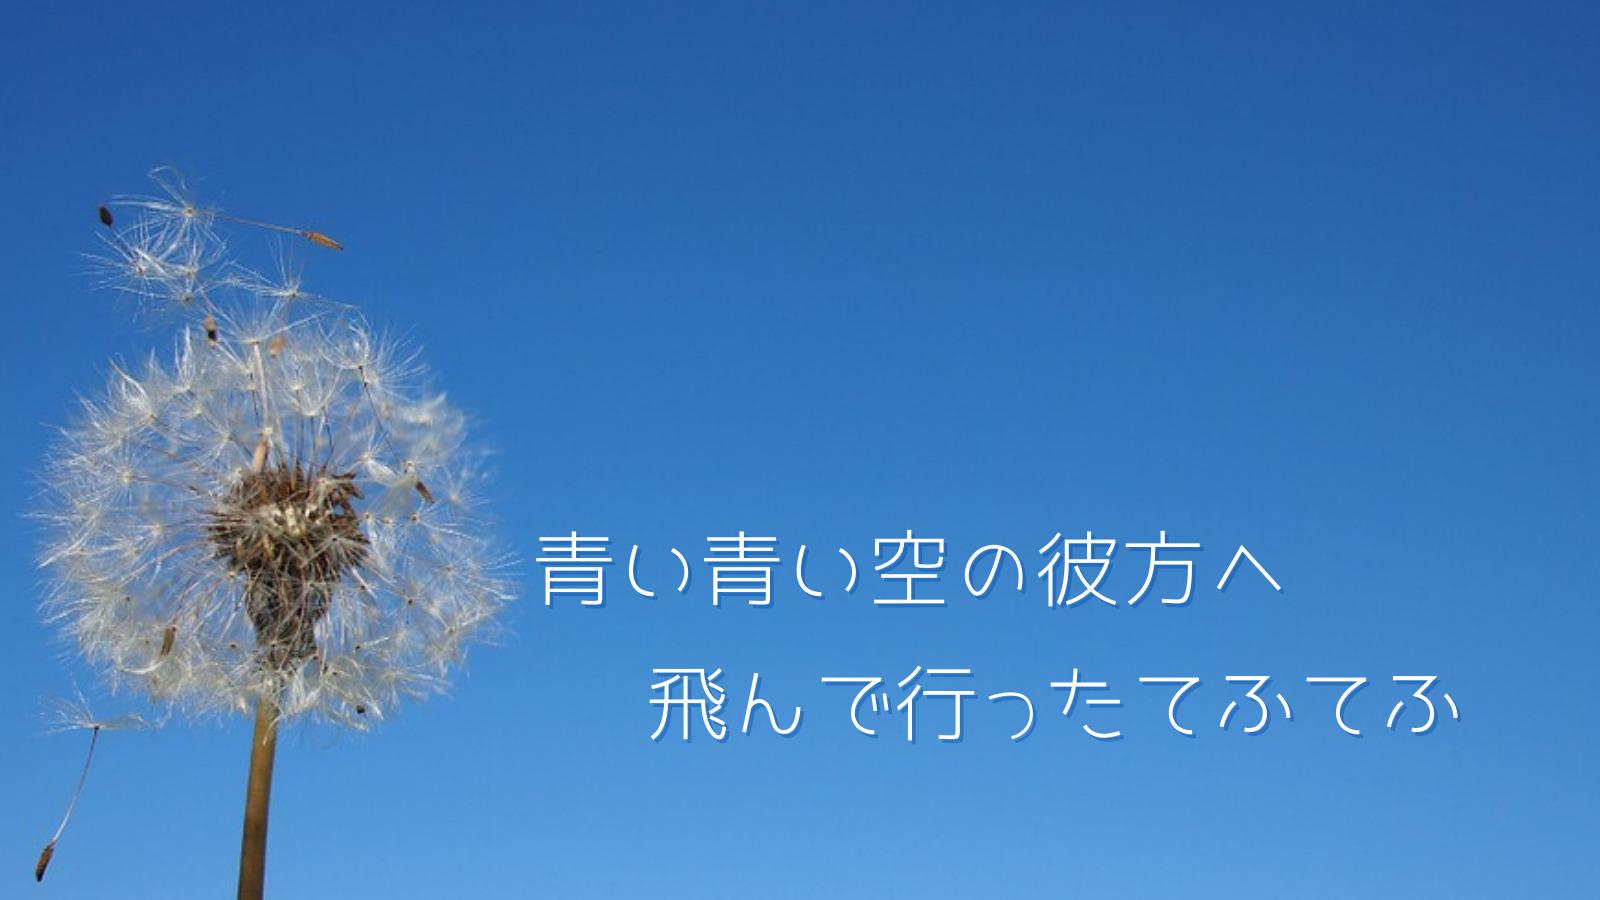 青空とタンポポの綿毛